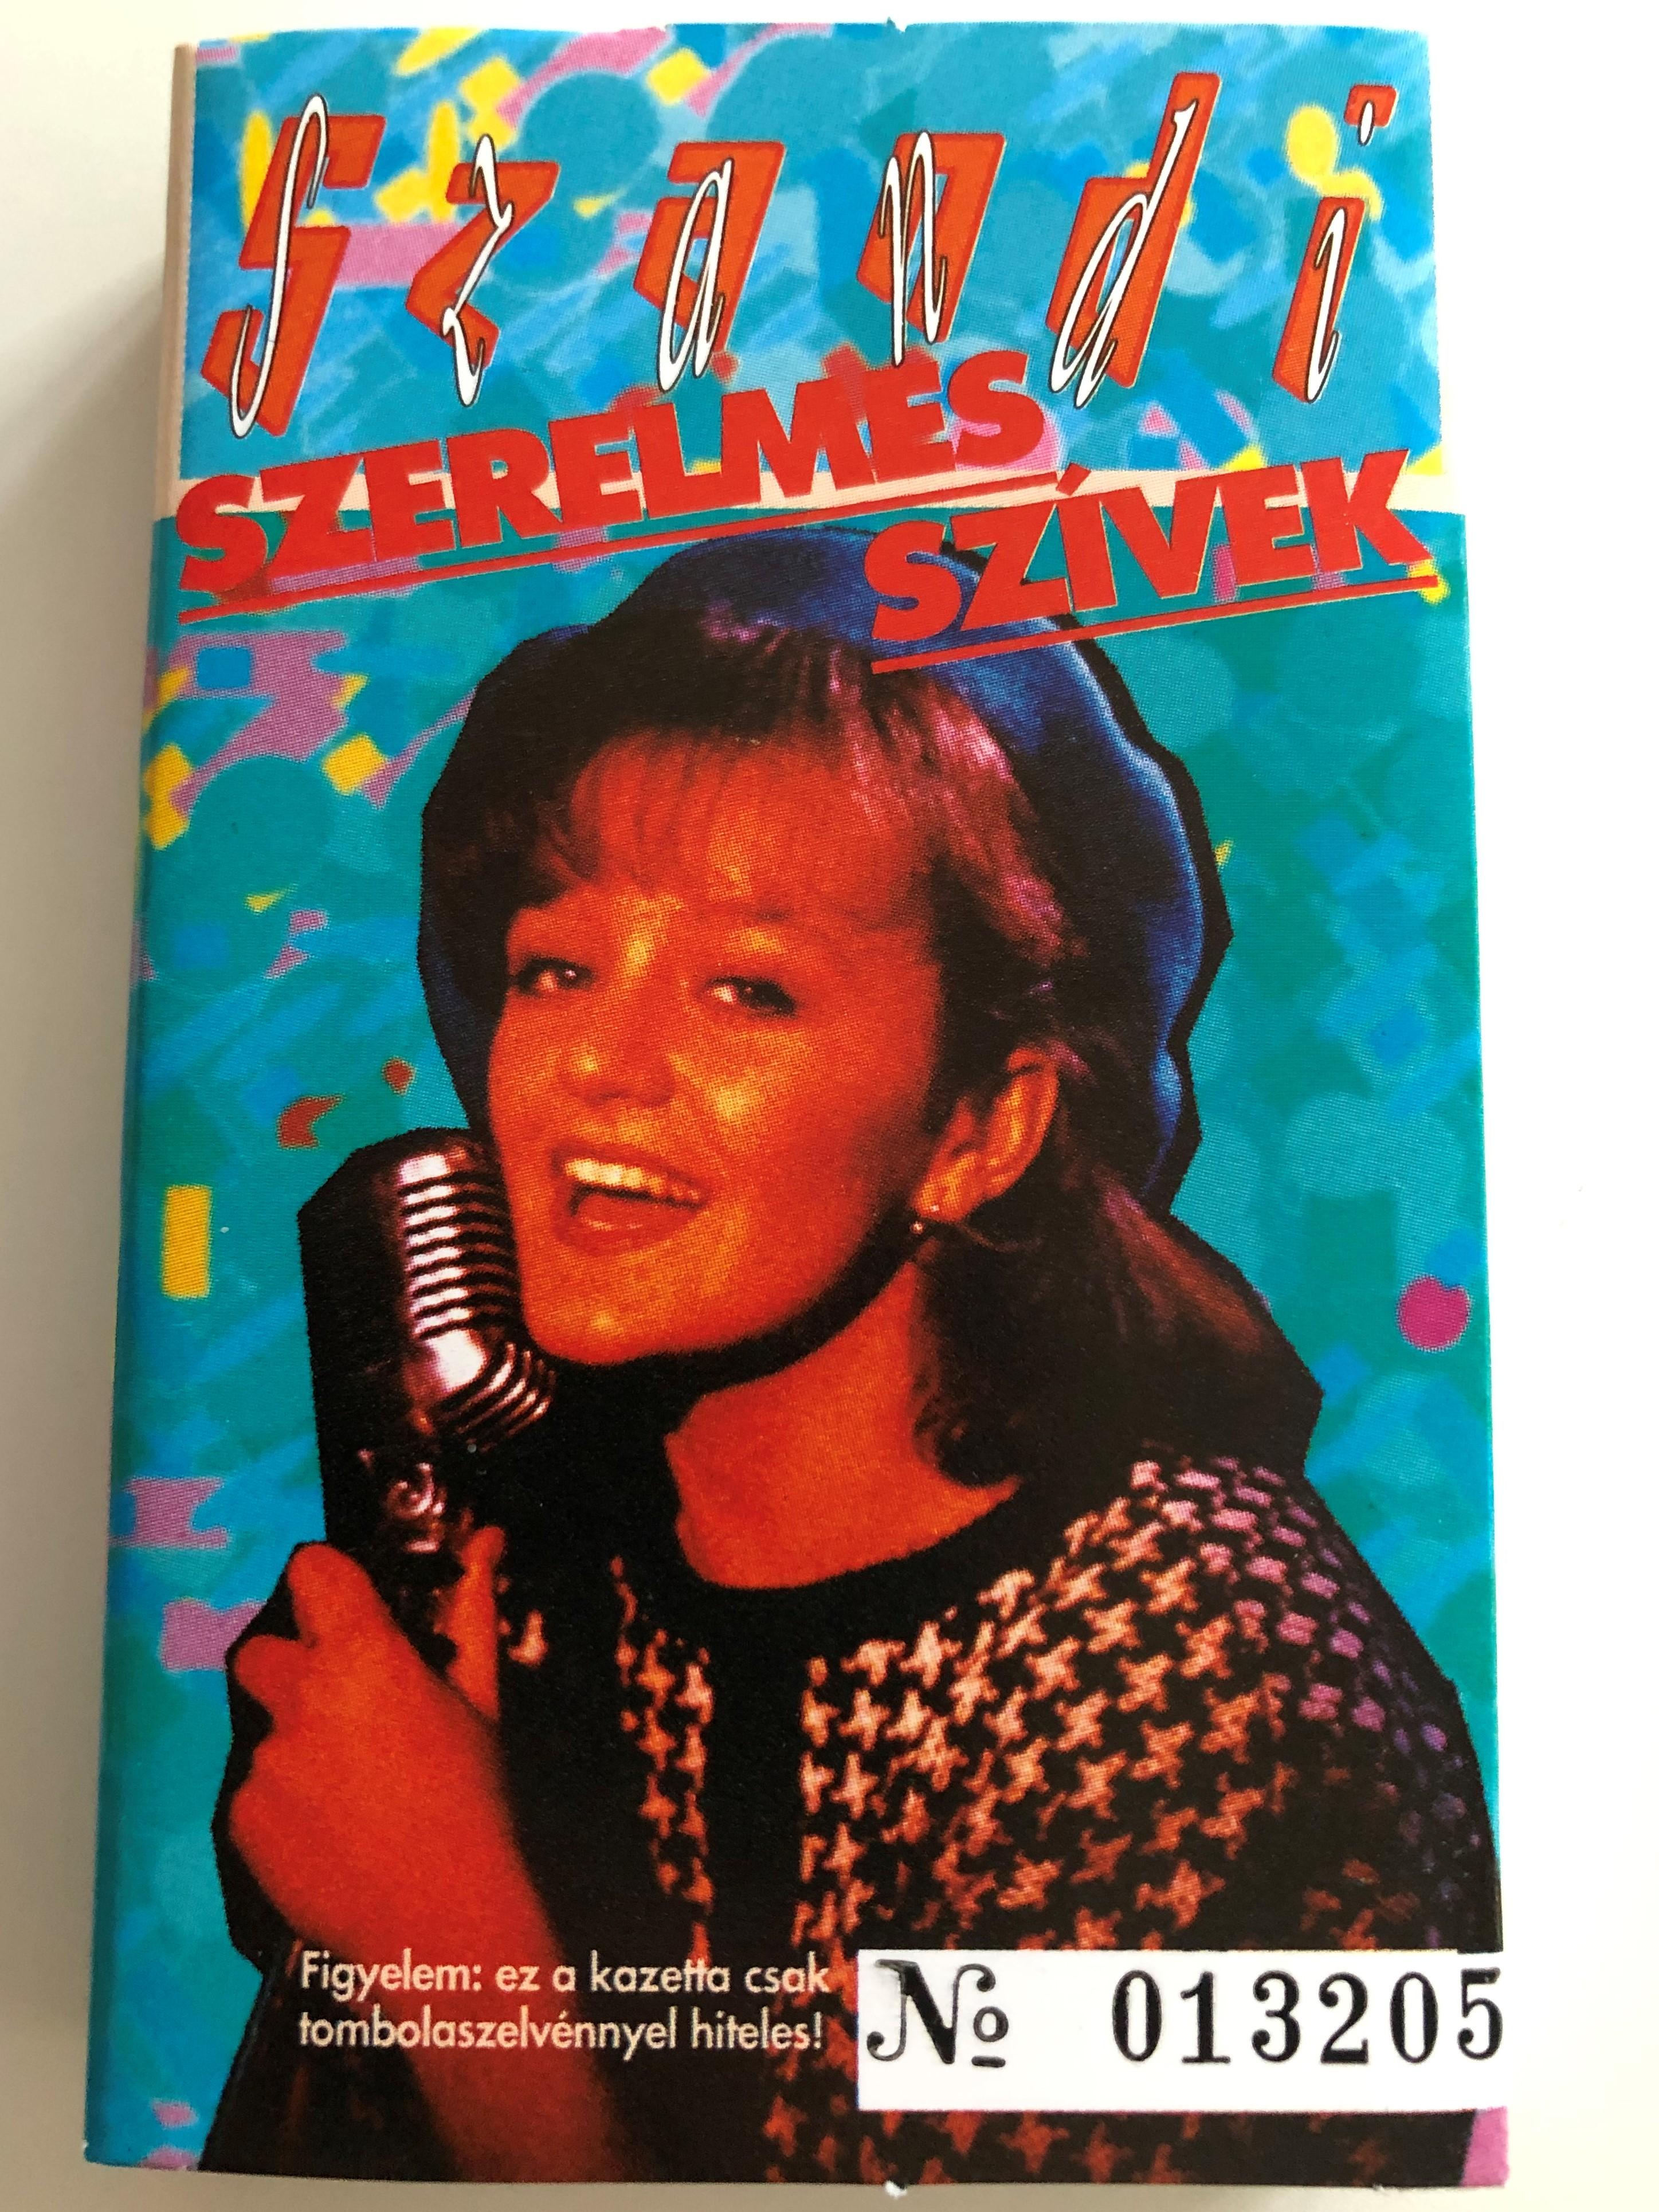 szandi-szerelmes-sz-vek-hungaroton-cassette-stereo-mk-37550-a-1-.jpg